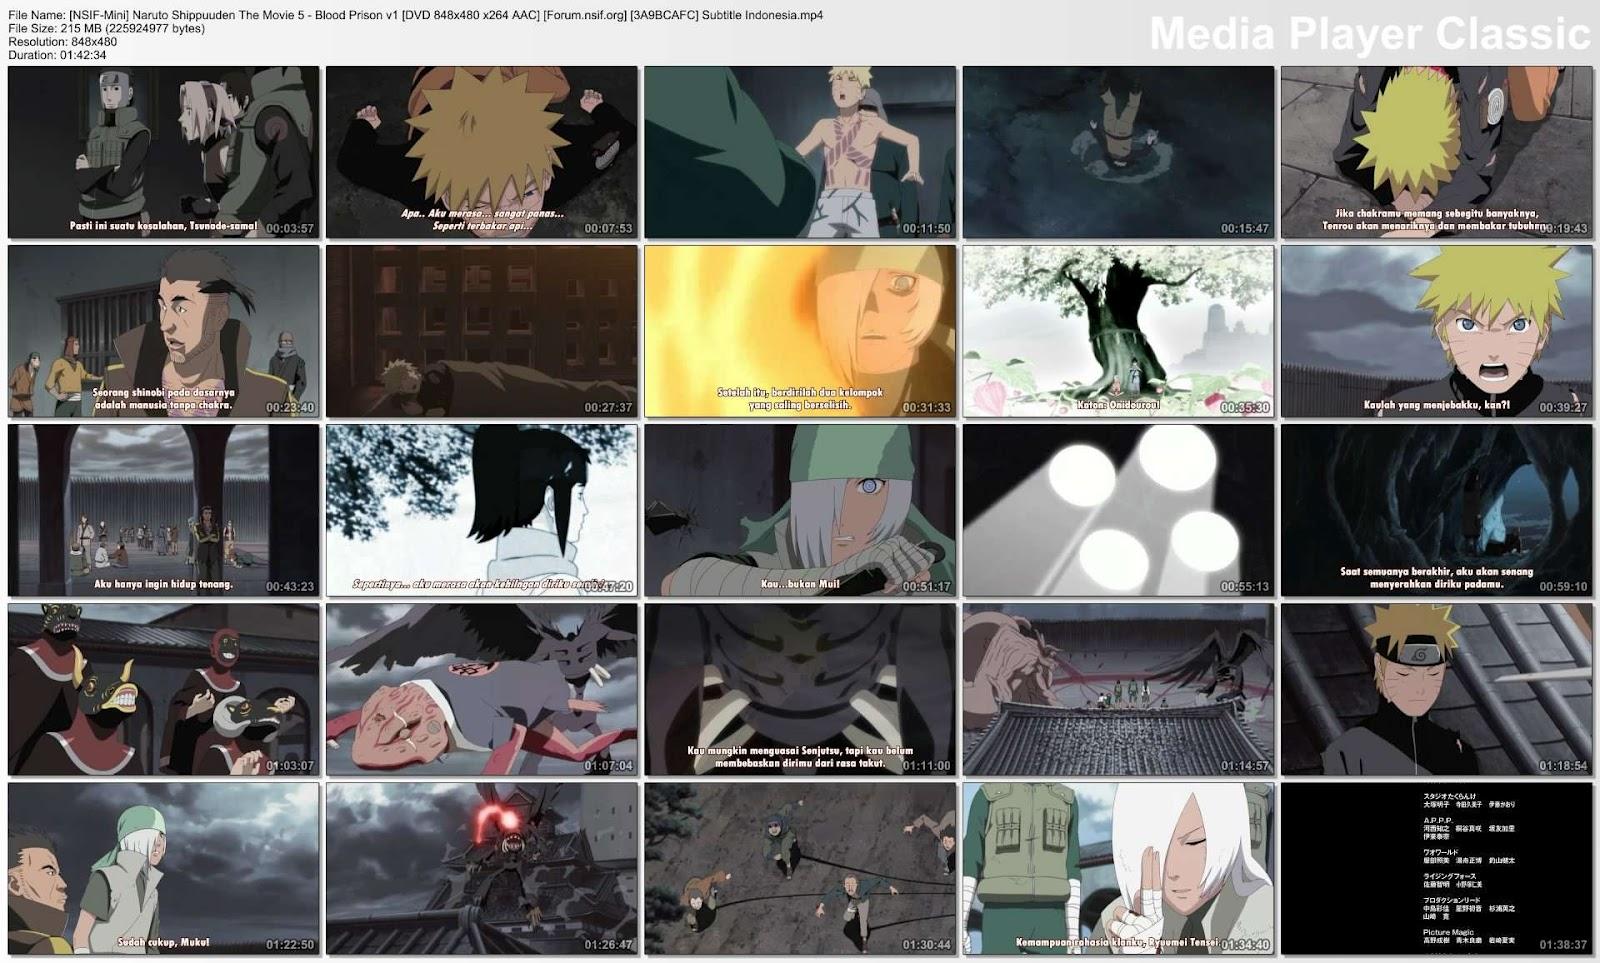 Наруто ураганные хроники: связи фильм пятый / gekijouban naruto shippuuden: kizuna 2009 dvdrip